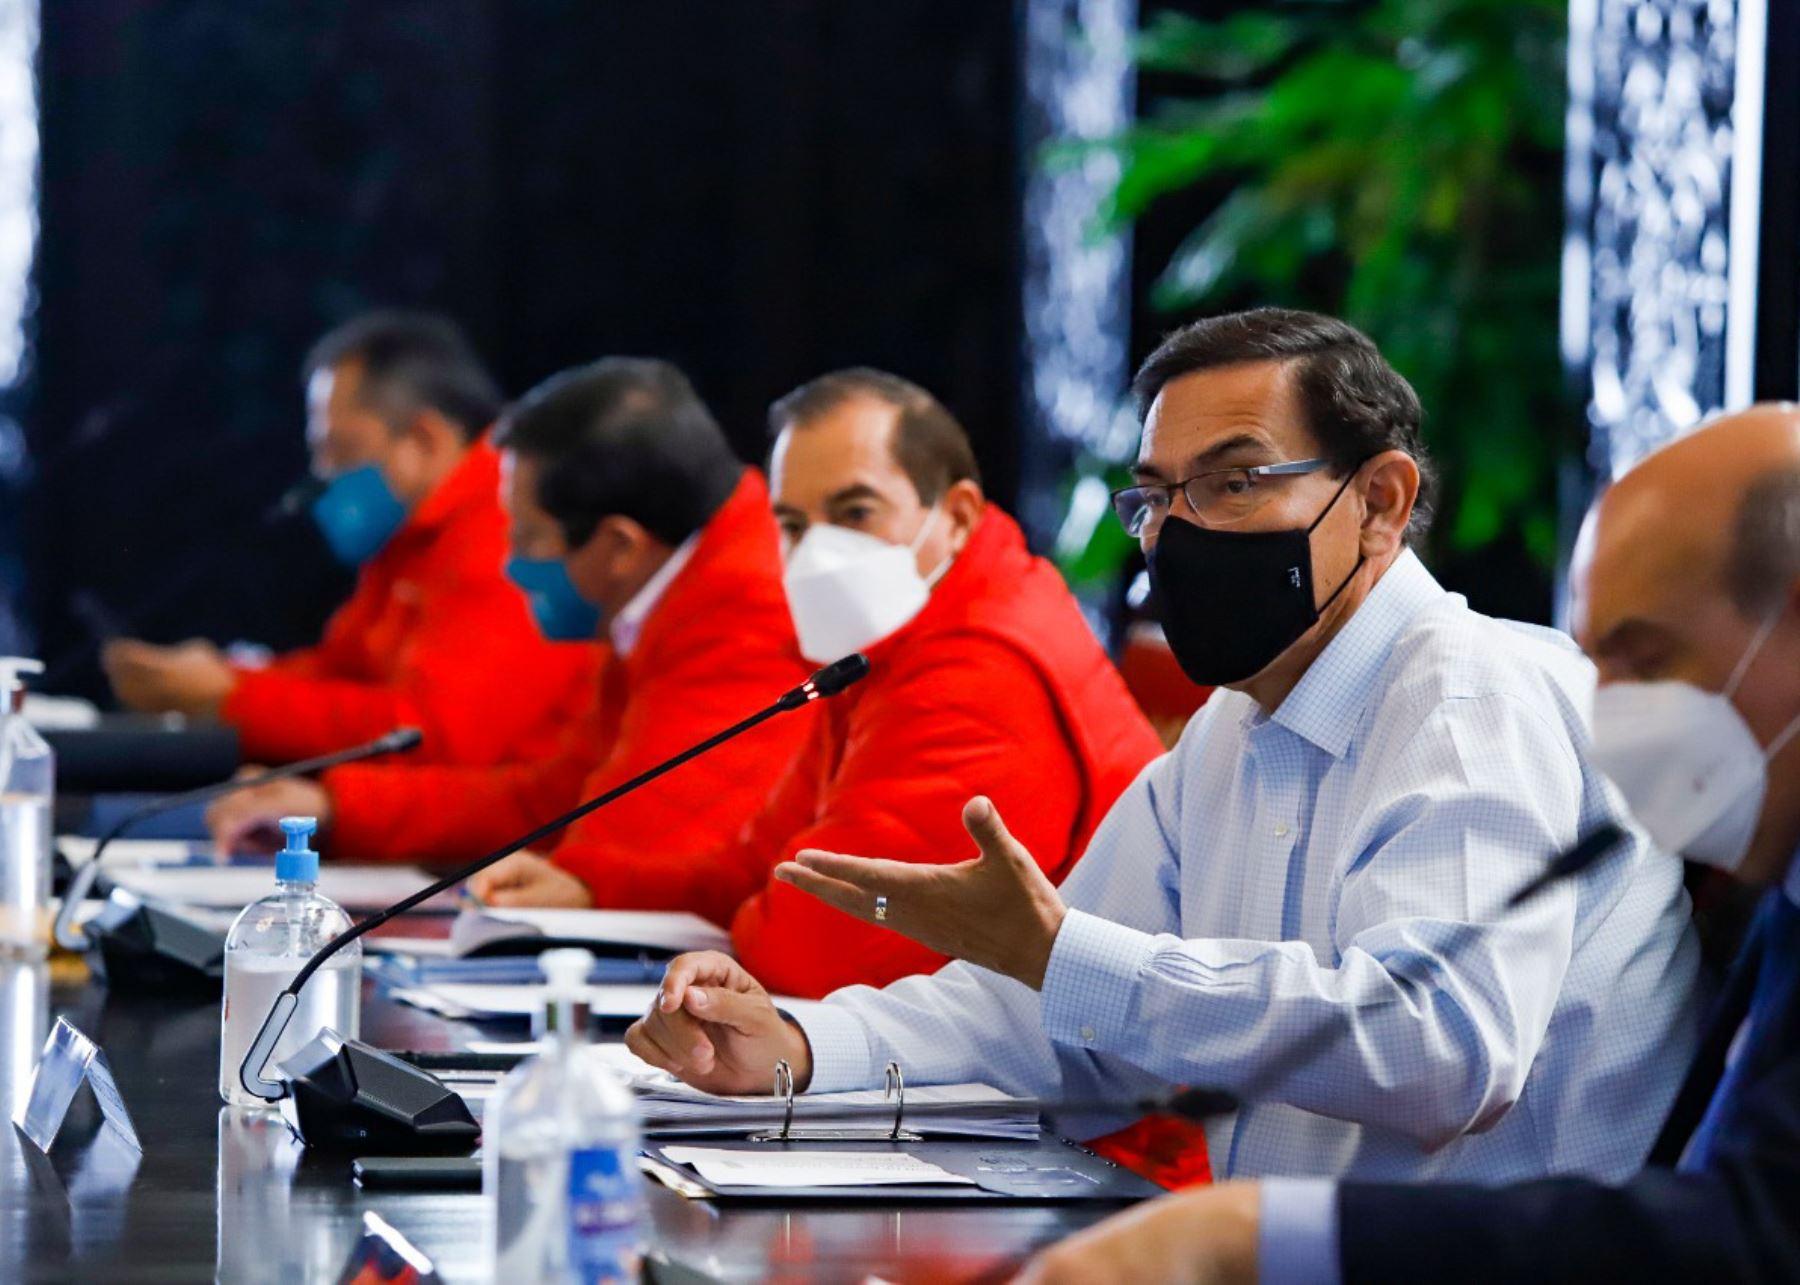 Presidente Martín Vizcarra lidera nueva sesión del Consejo de Ministros.